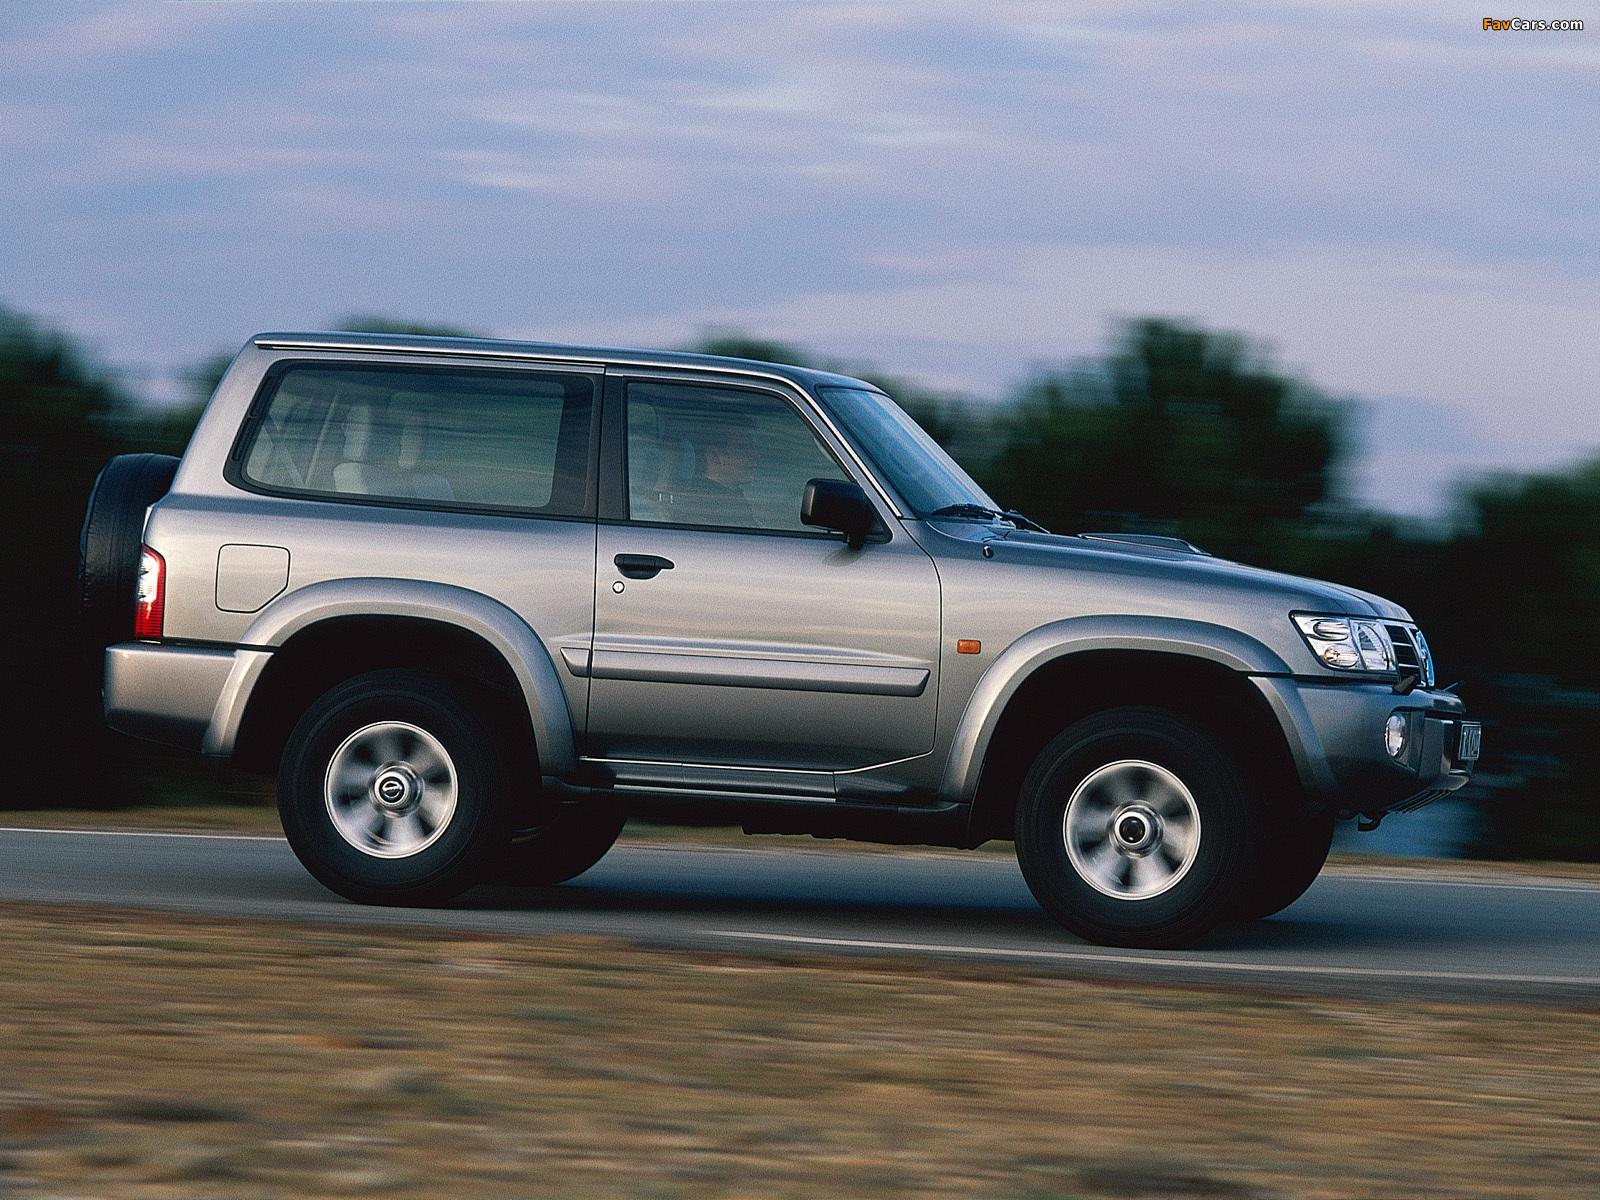 Nissan Car 2005 >> Nissan Patrol GR 3-door (Y61) 2001–04 photos (1600x1200)